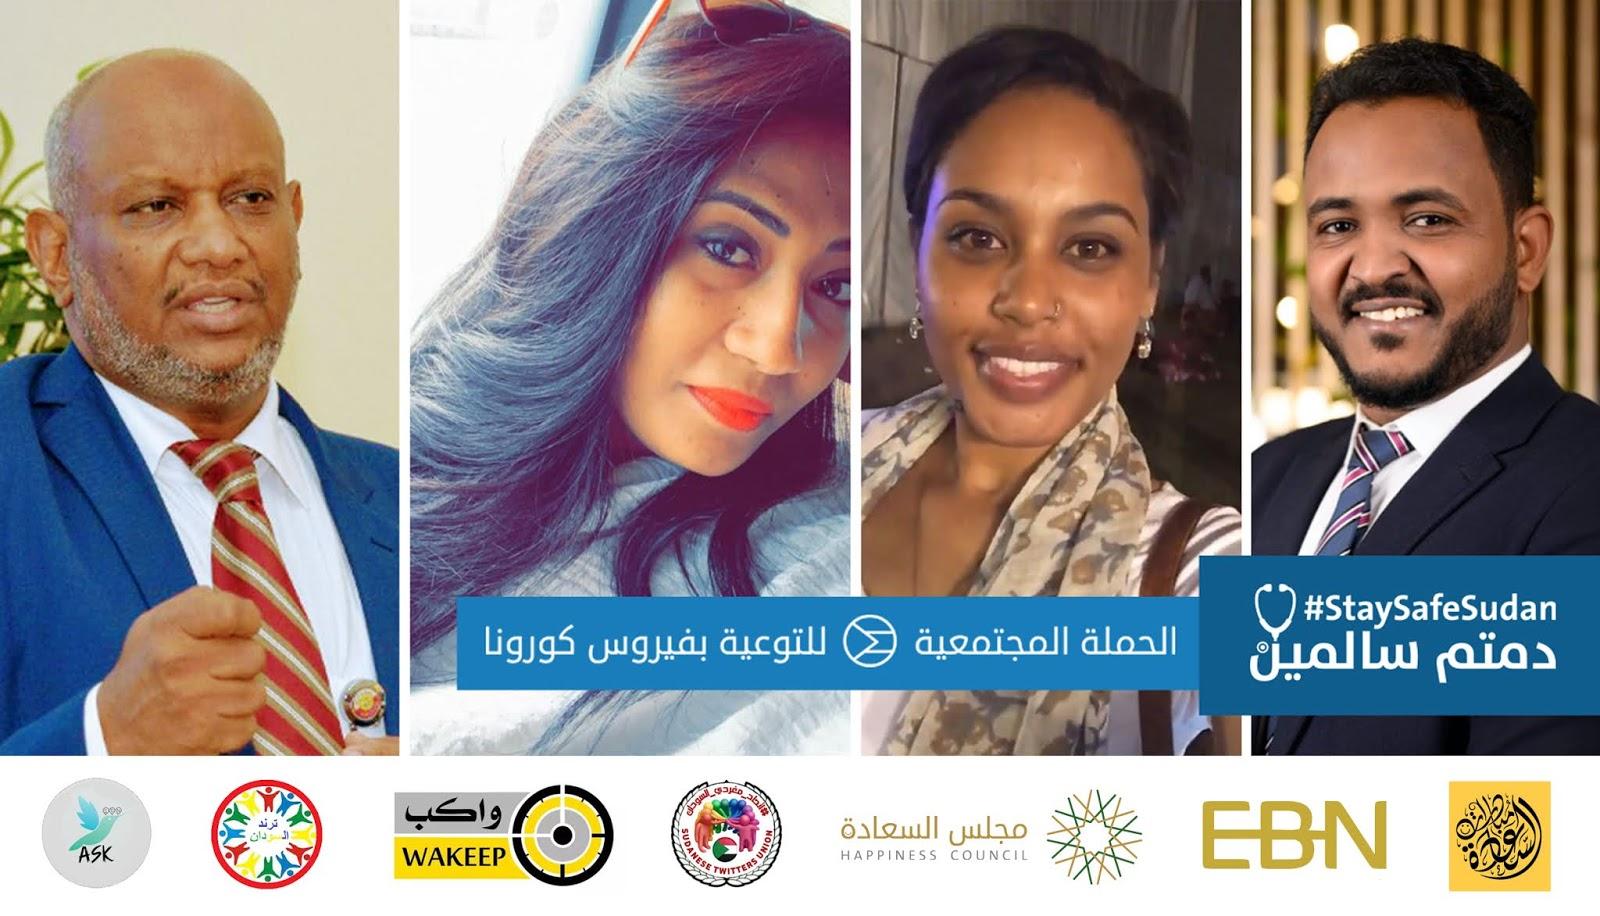 حملة دمتم سالمين - السودان